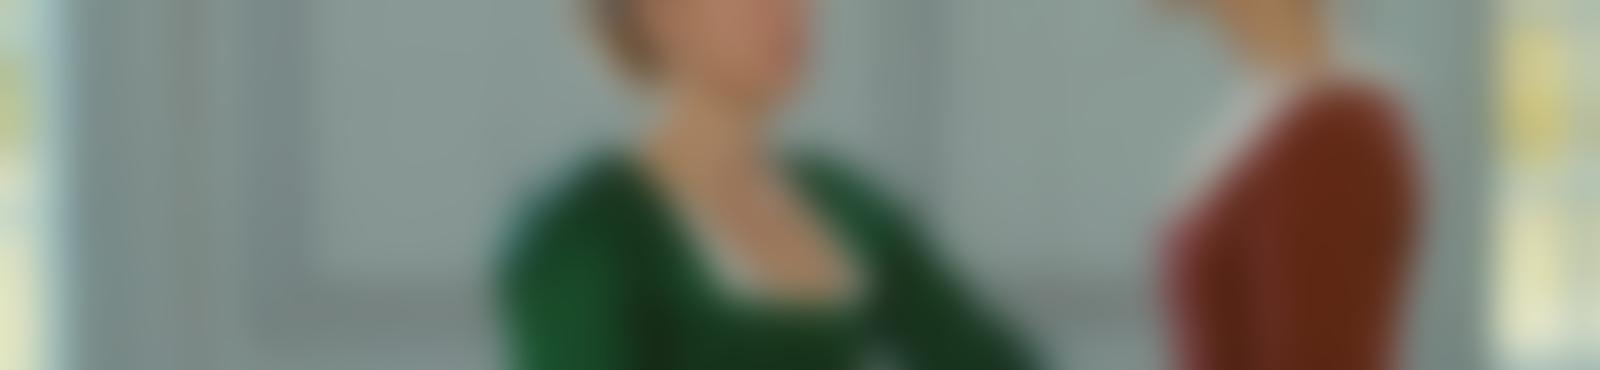 Blurred e1a4477e b7bc 42b7 a0d0 625ac9f955c0